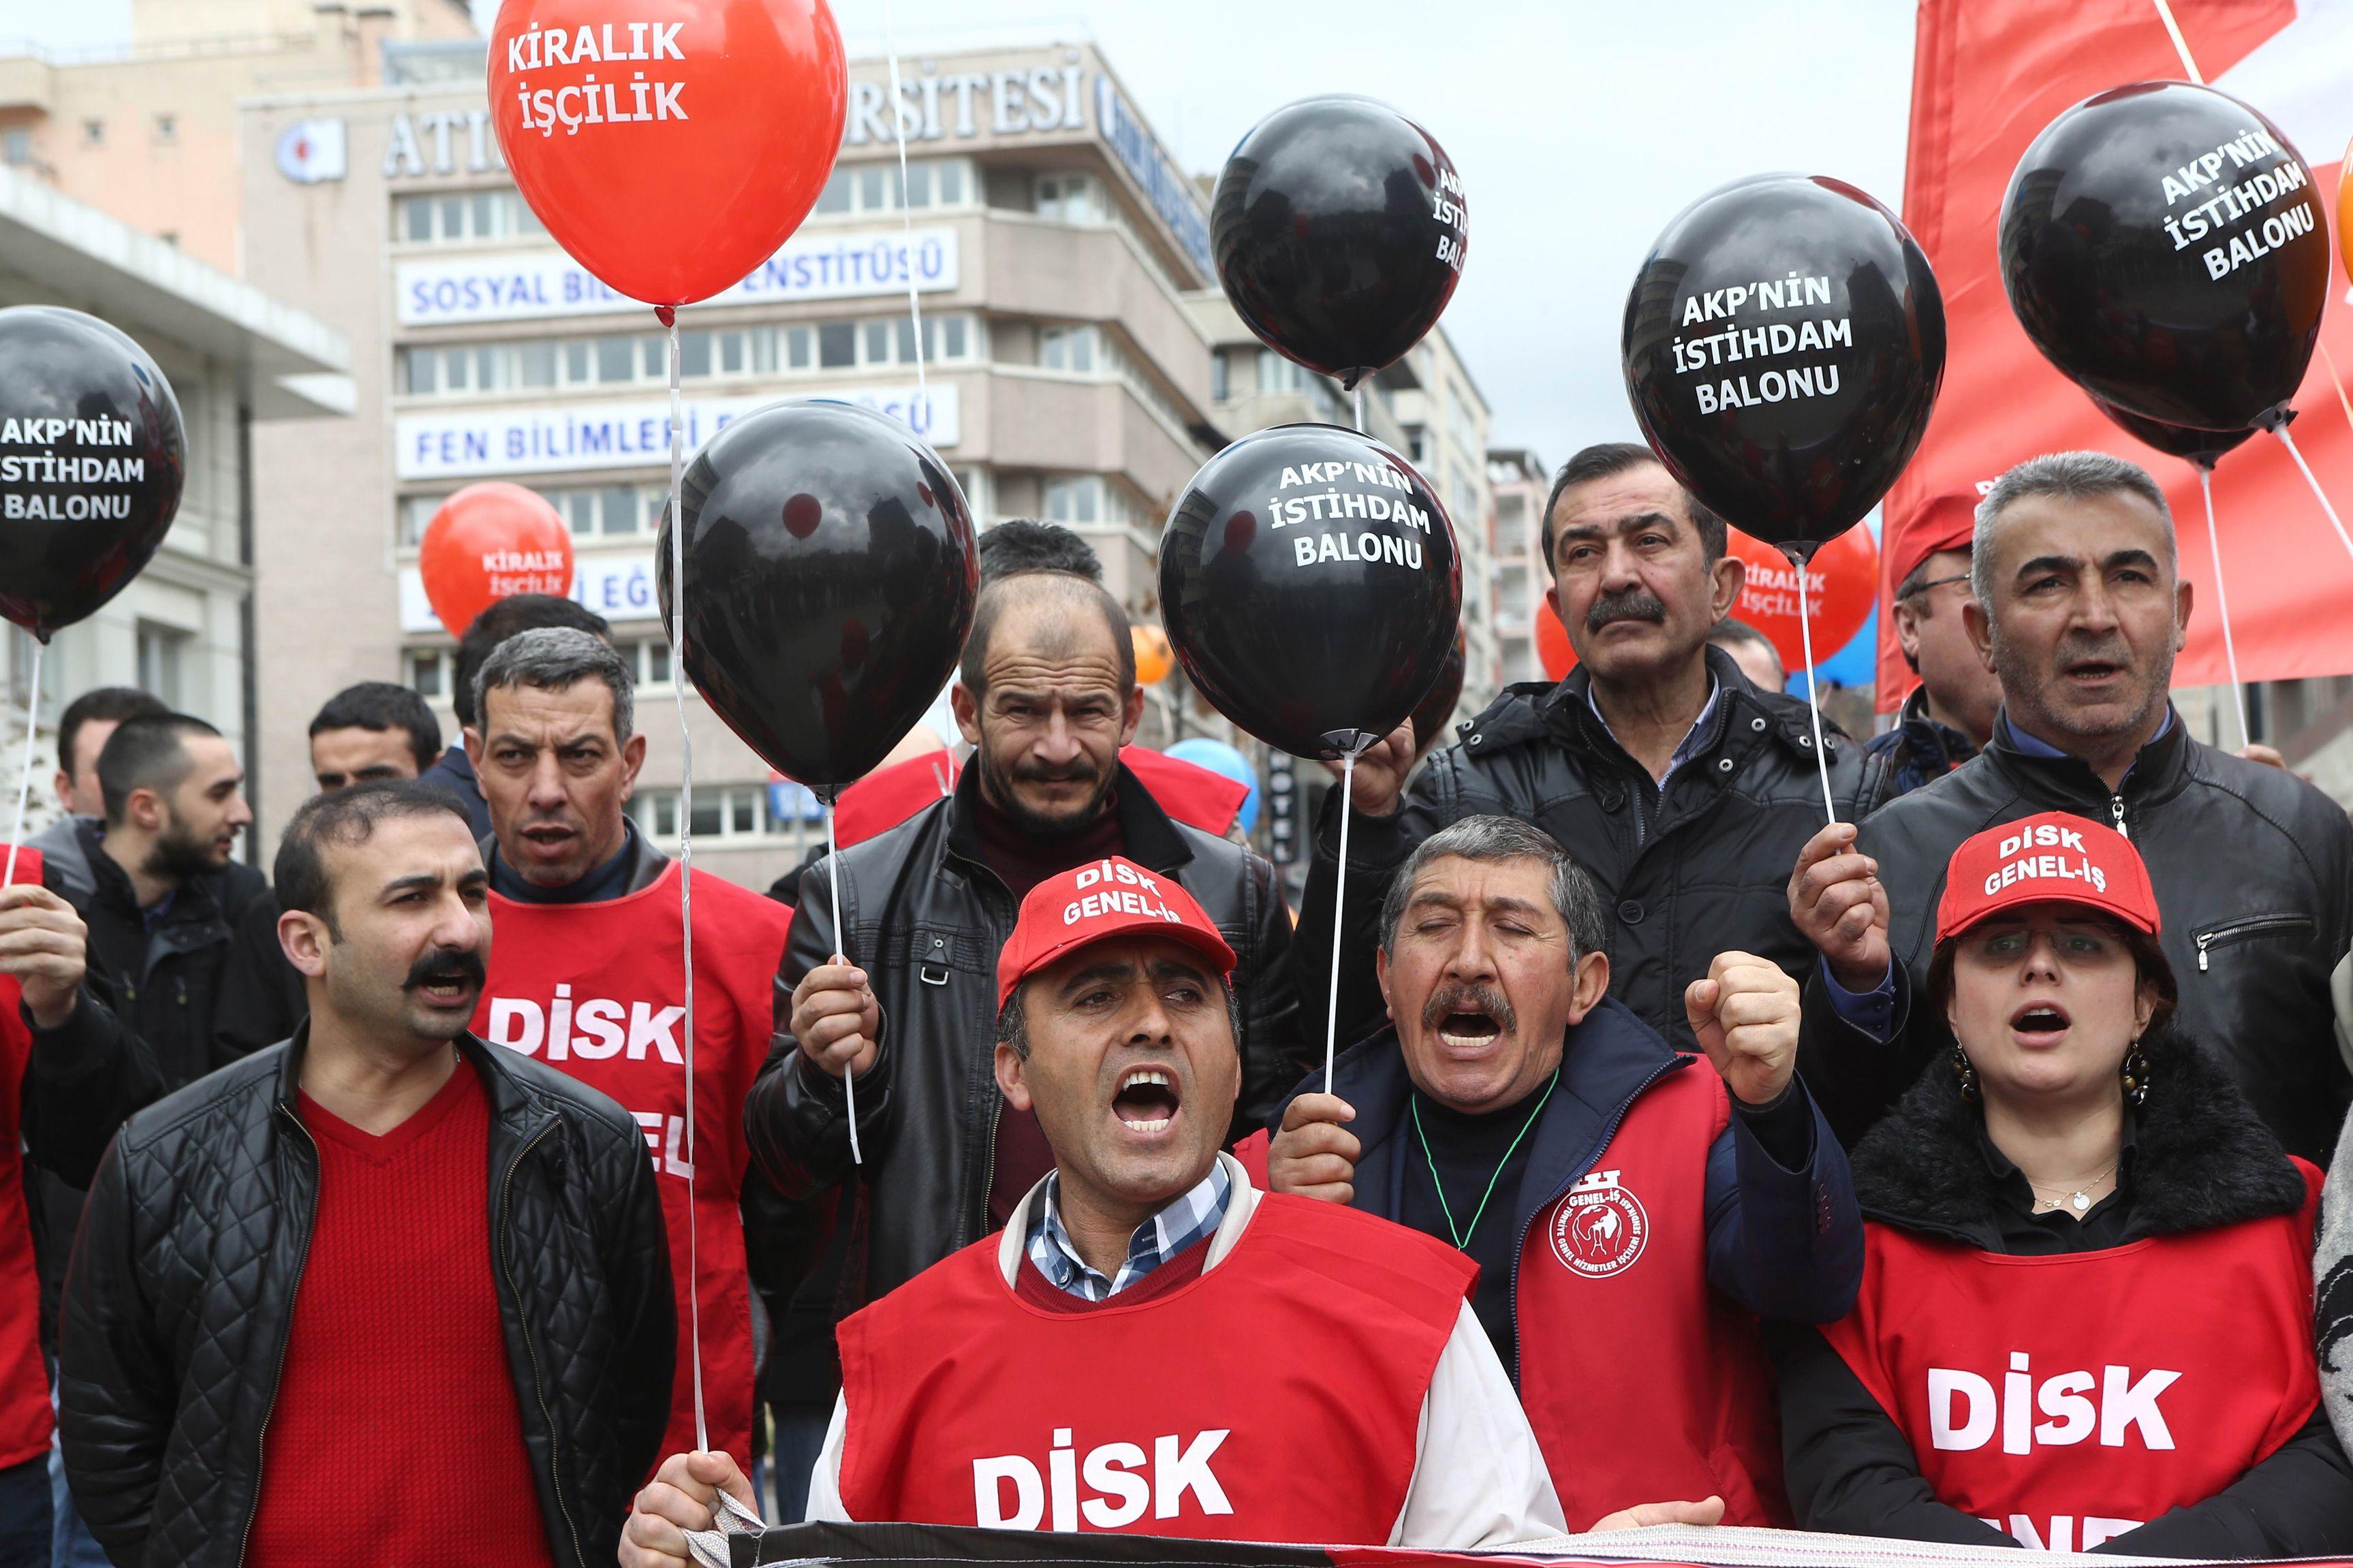 Sendikalar İstanbul'da 1 Mayıs'ı Bakırköy'de kutlayacak